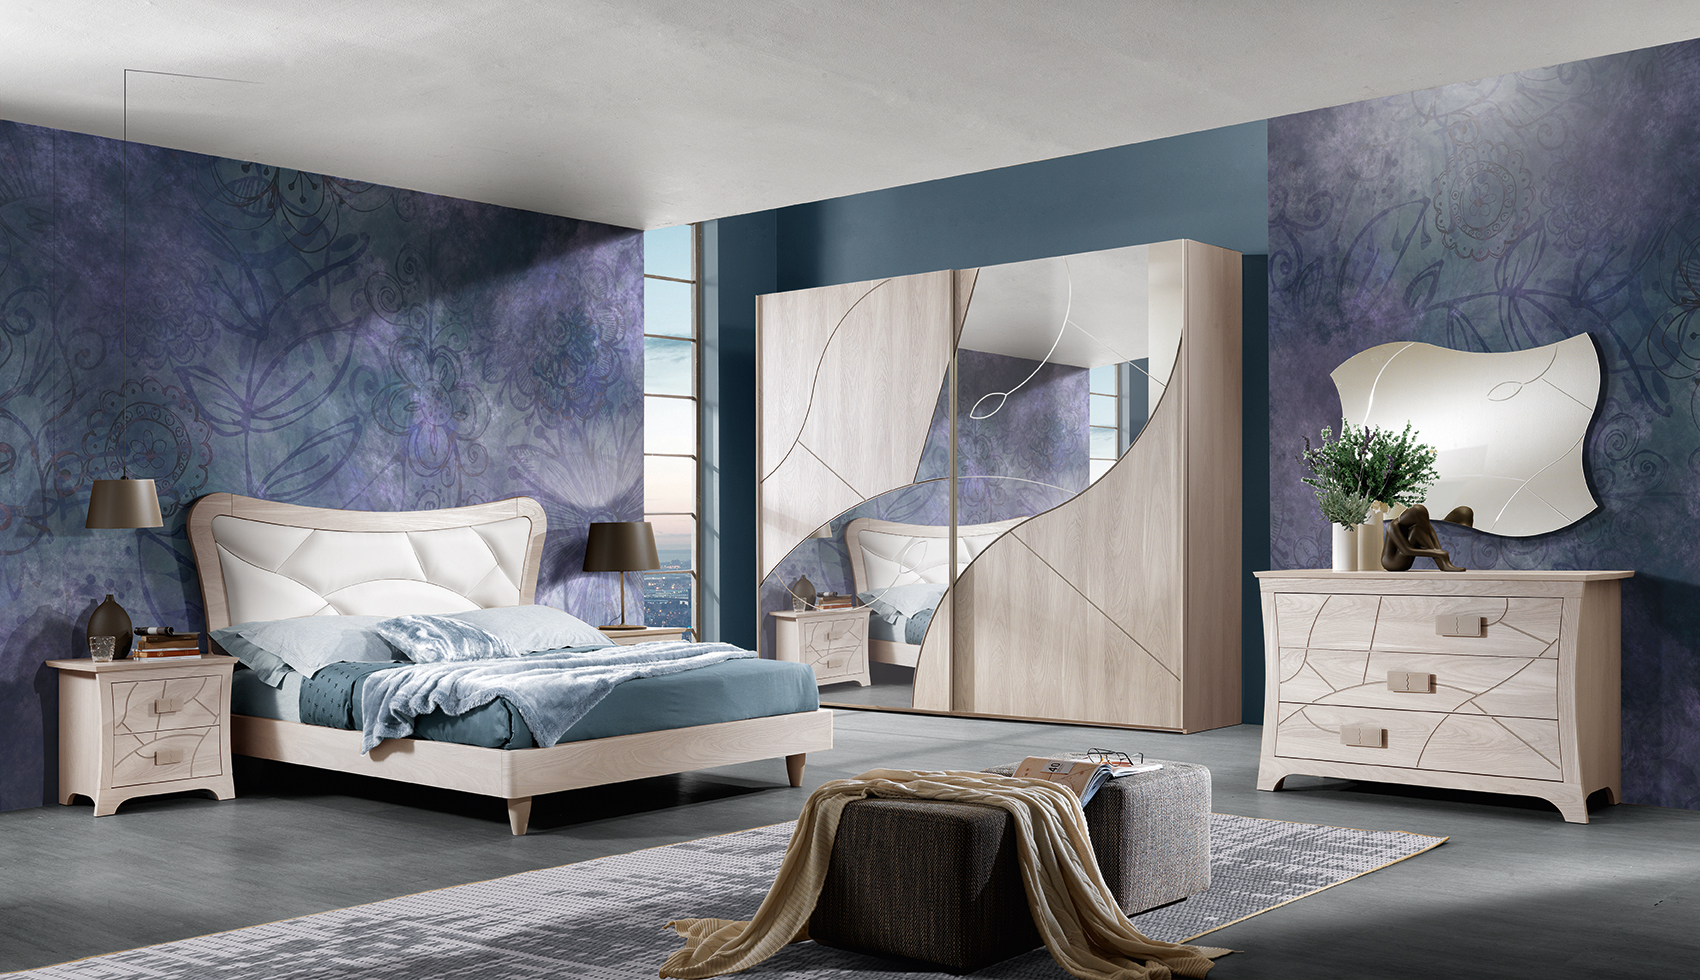 صورة افخم غرف نوم للعرسان ،غرف نوم مودرن كاملة 2019 6431 5